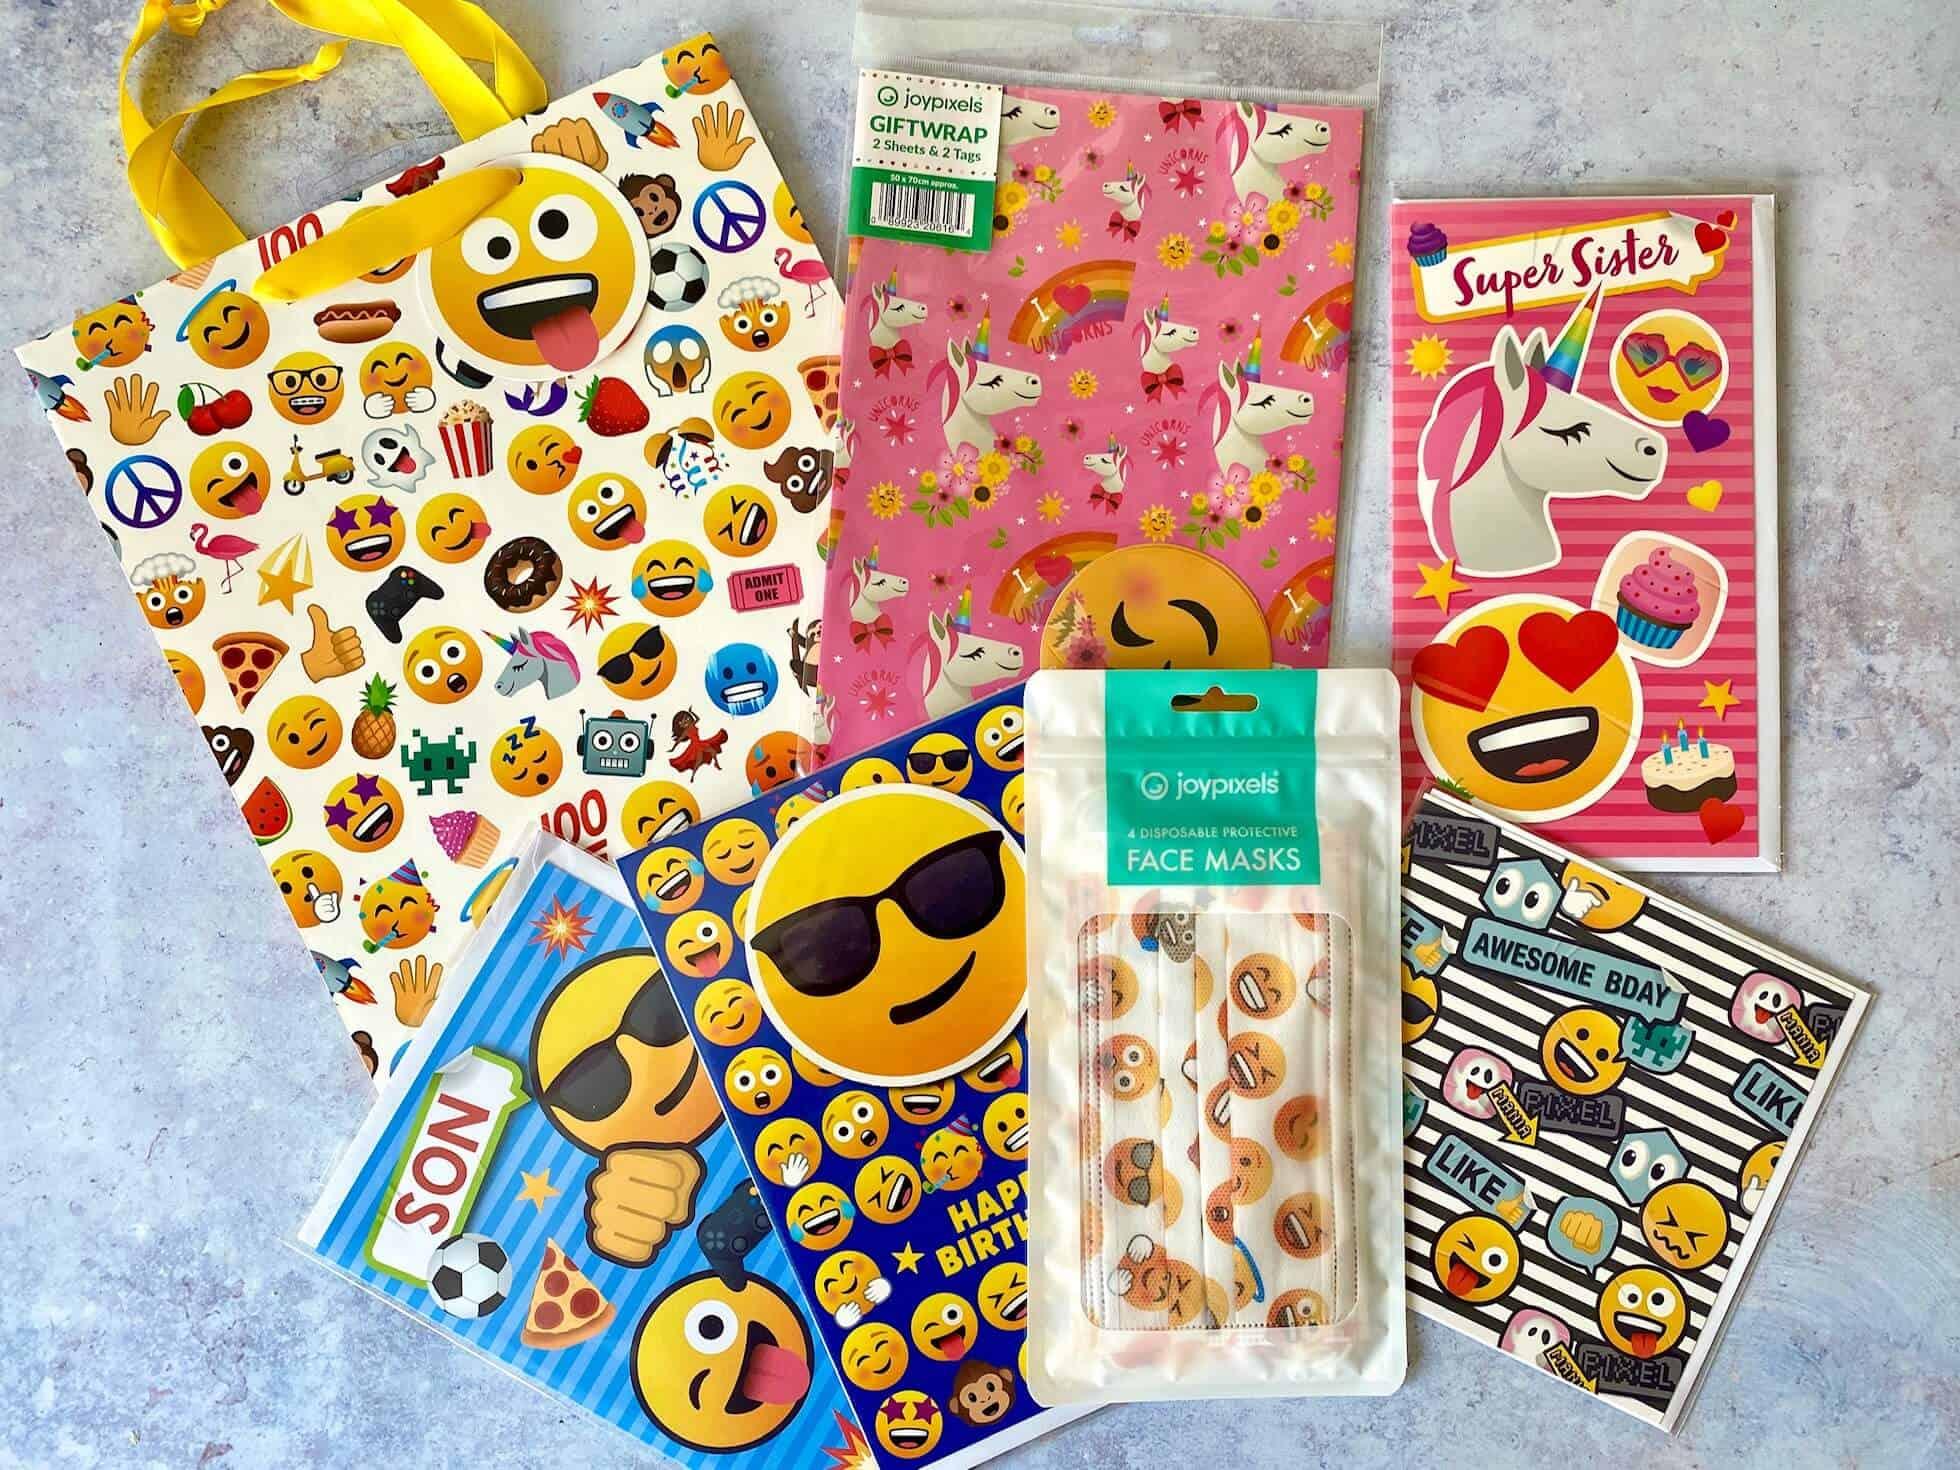 JoyPixels collection - gift bag, warp, cards and face masks